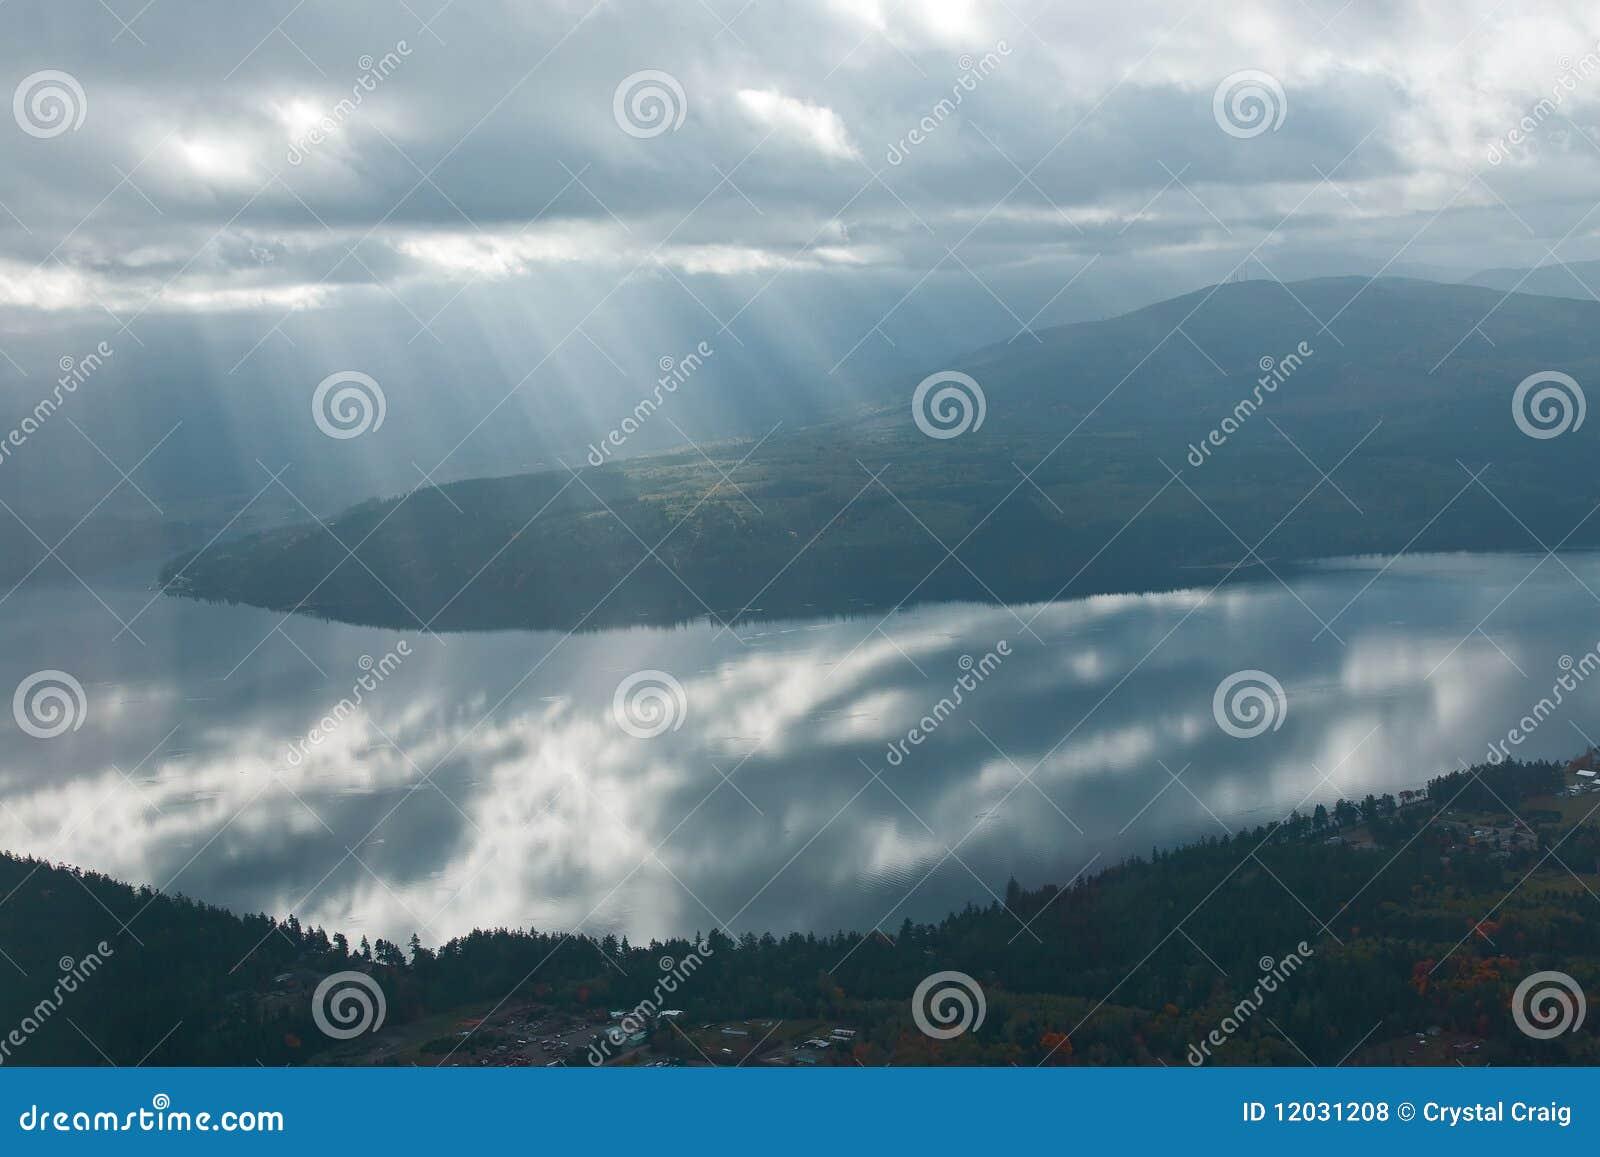 Discovery Bay Olympic Peninsula Washington Stock Photo Image Of Dramatic Travel 12031208